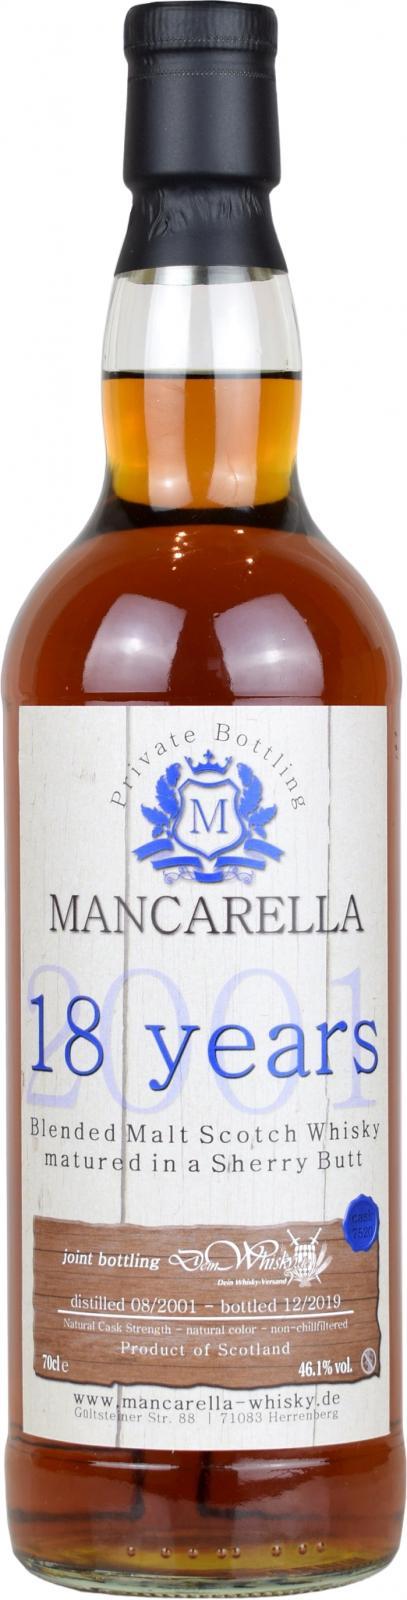 Blended Malt Scotch Whisky 2001 Ma